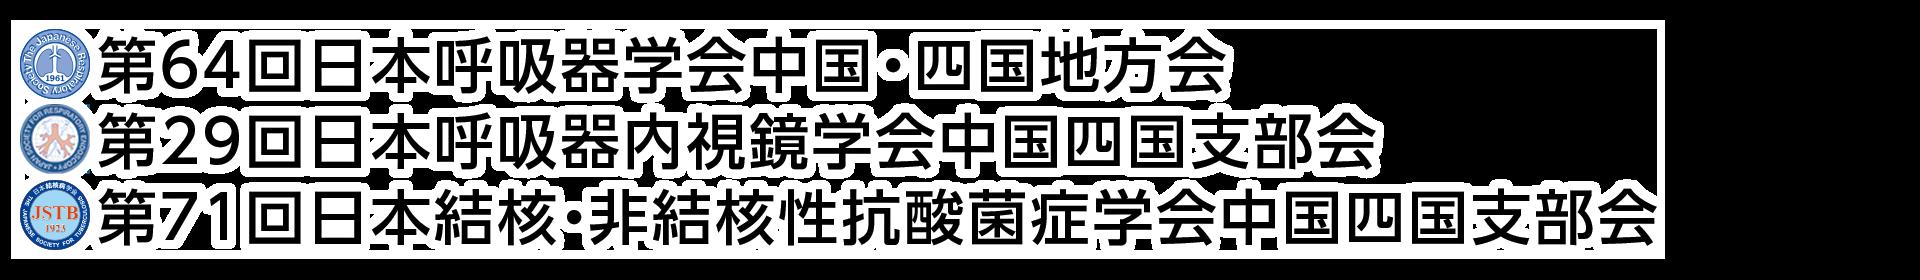 第64回日本呼吸器学会中国・四国地方会/第29回日本呼吸器内視鏡学会中国四国支部会/第71回日本結核・非結核性抗酸菌症学会中国四国支部会